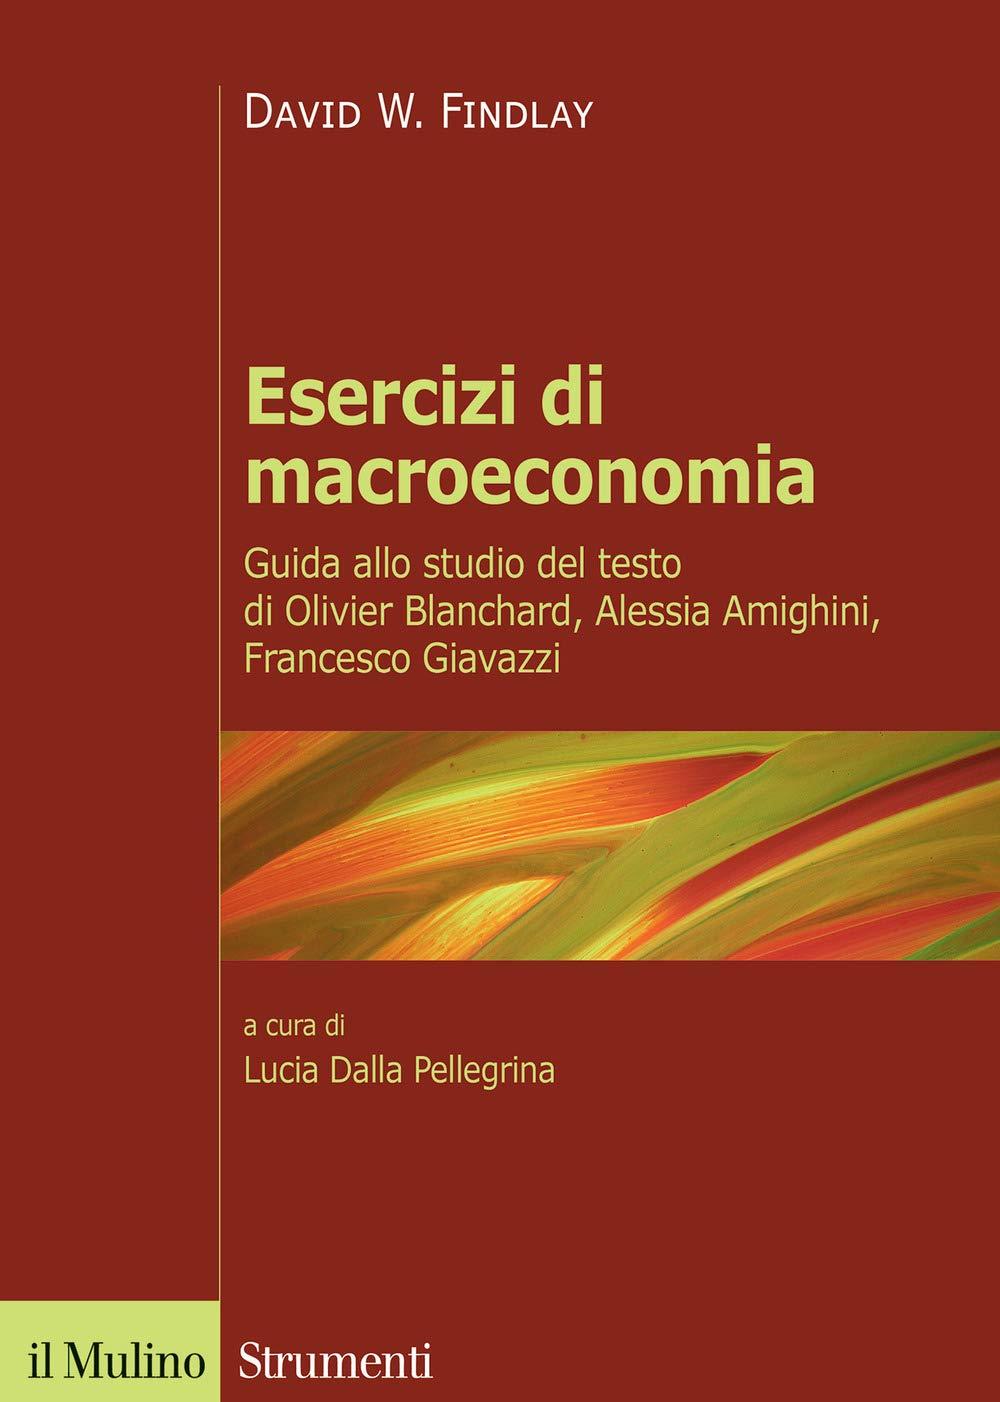 Esercizi di macroeconomia